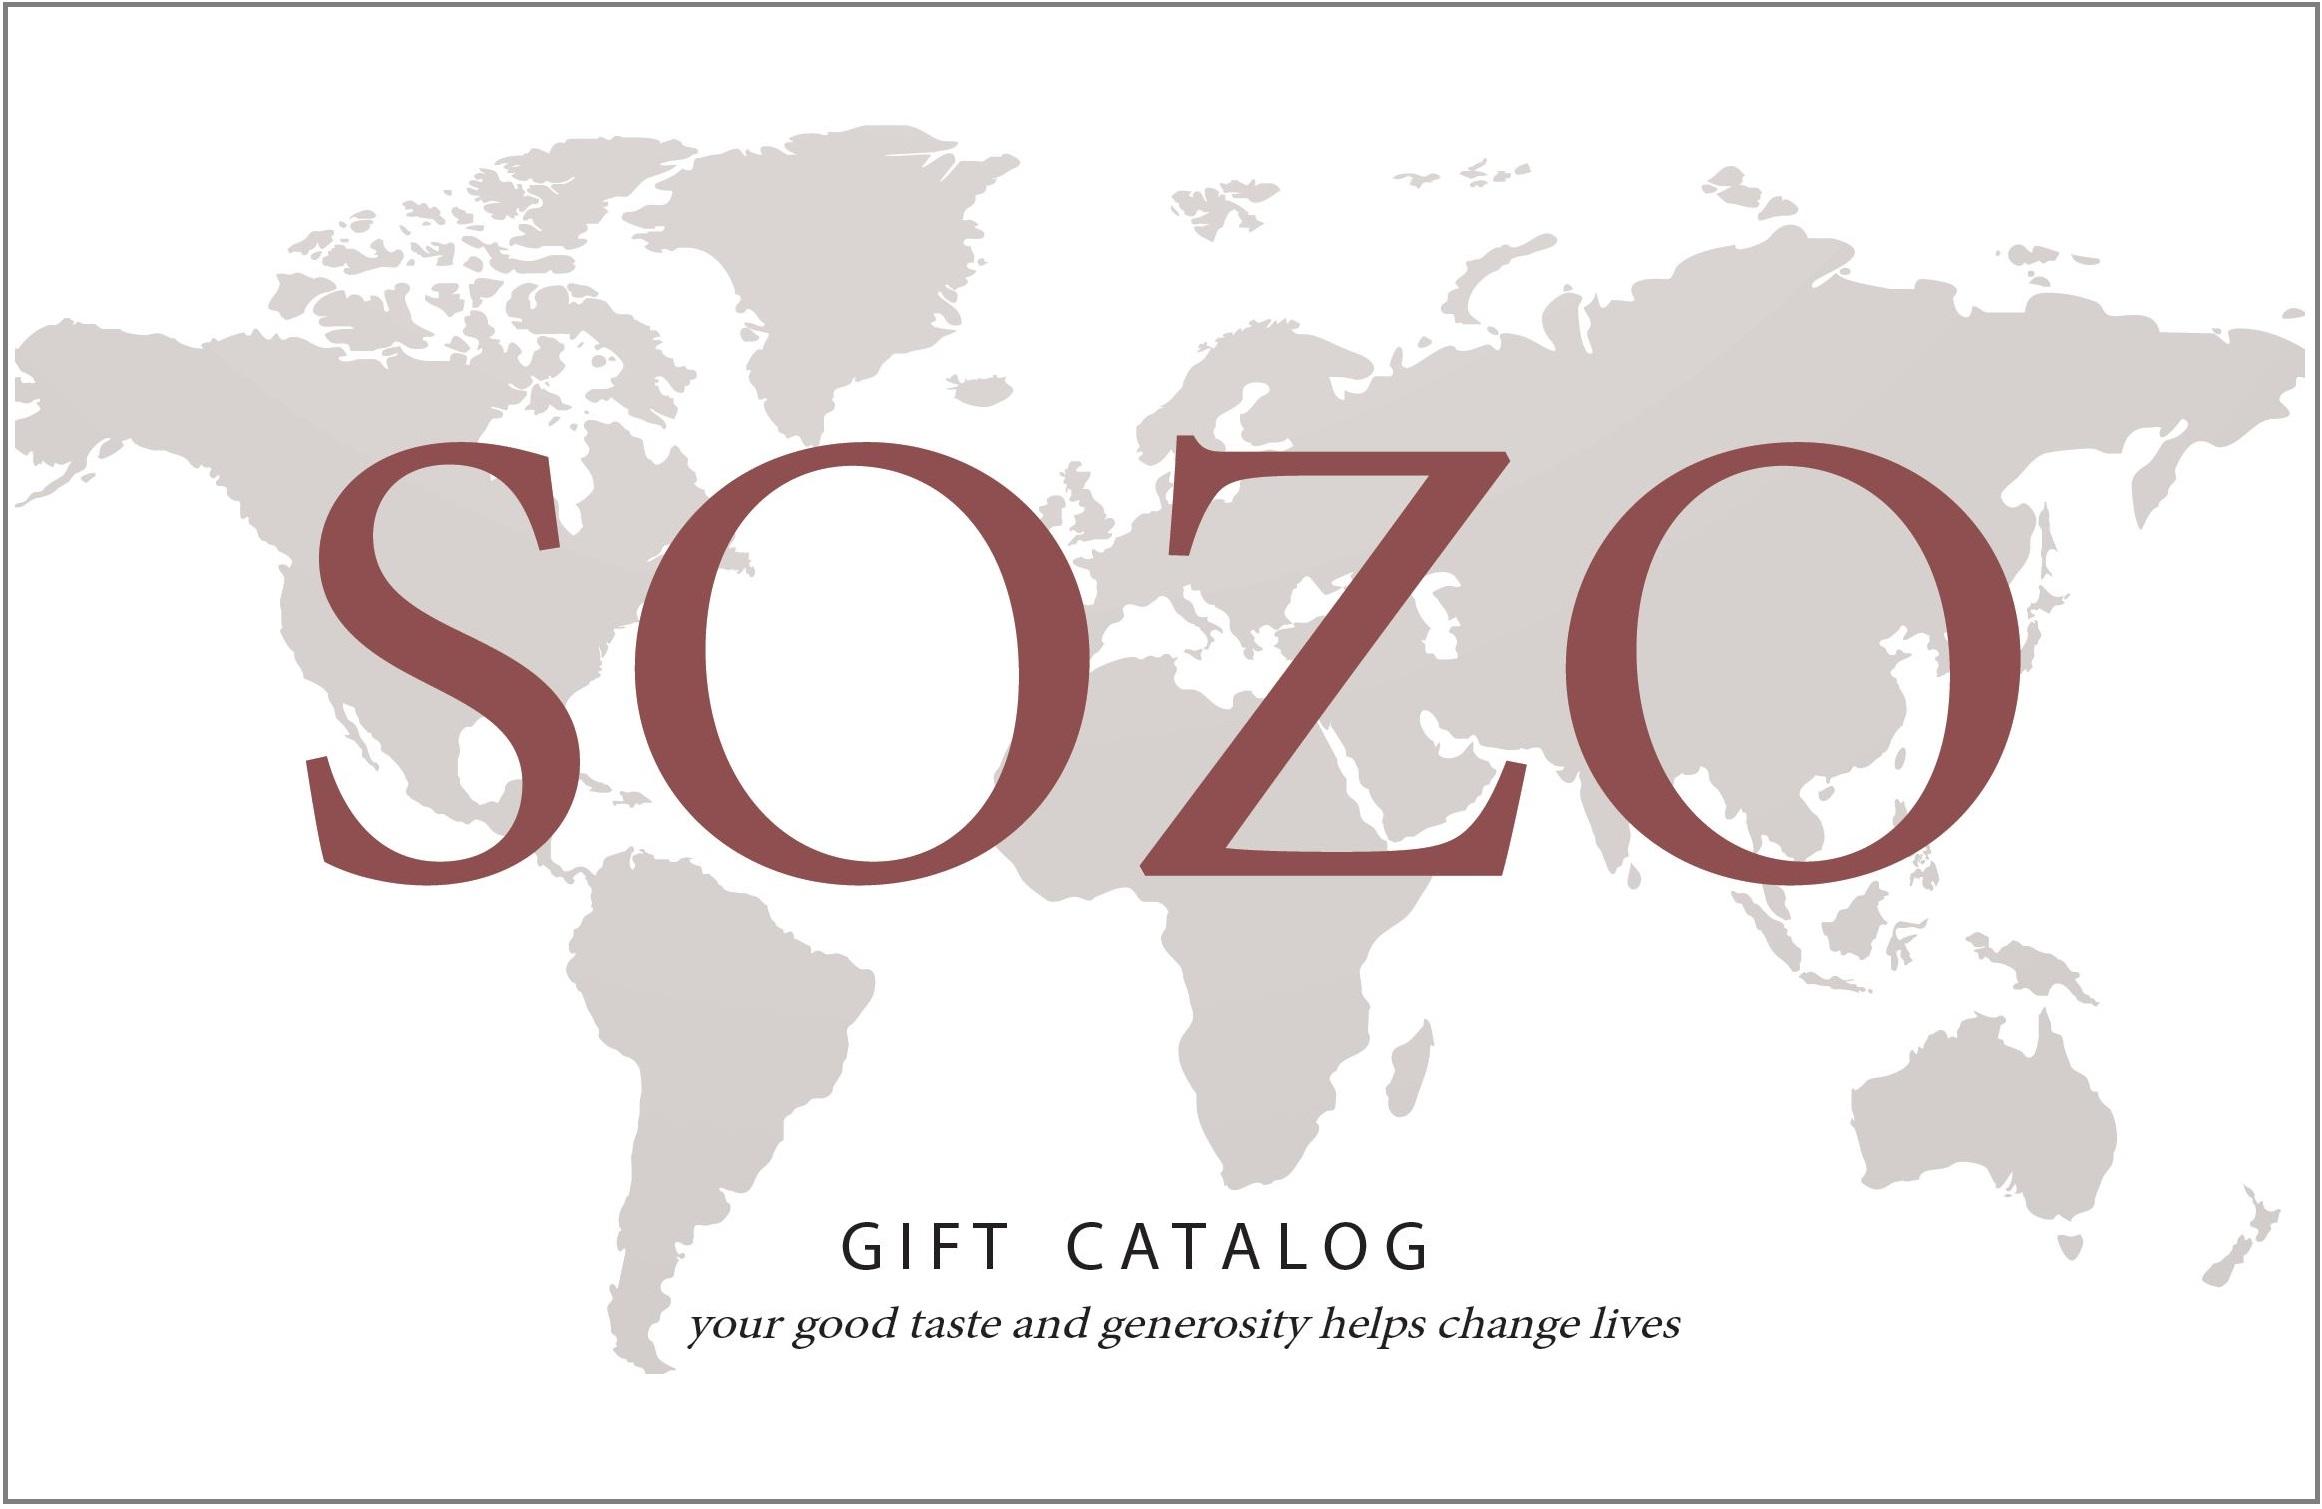 Sozo Catalog